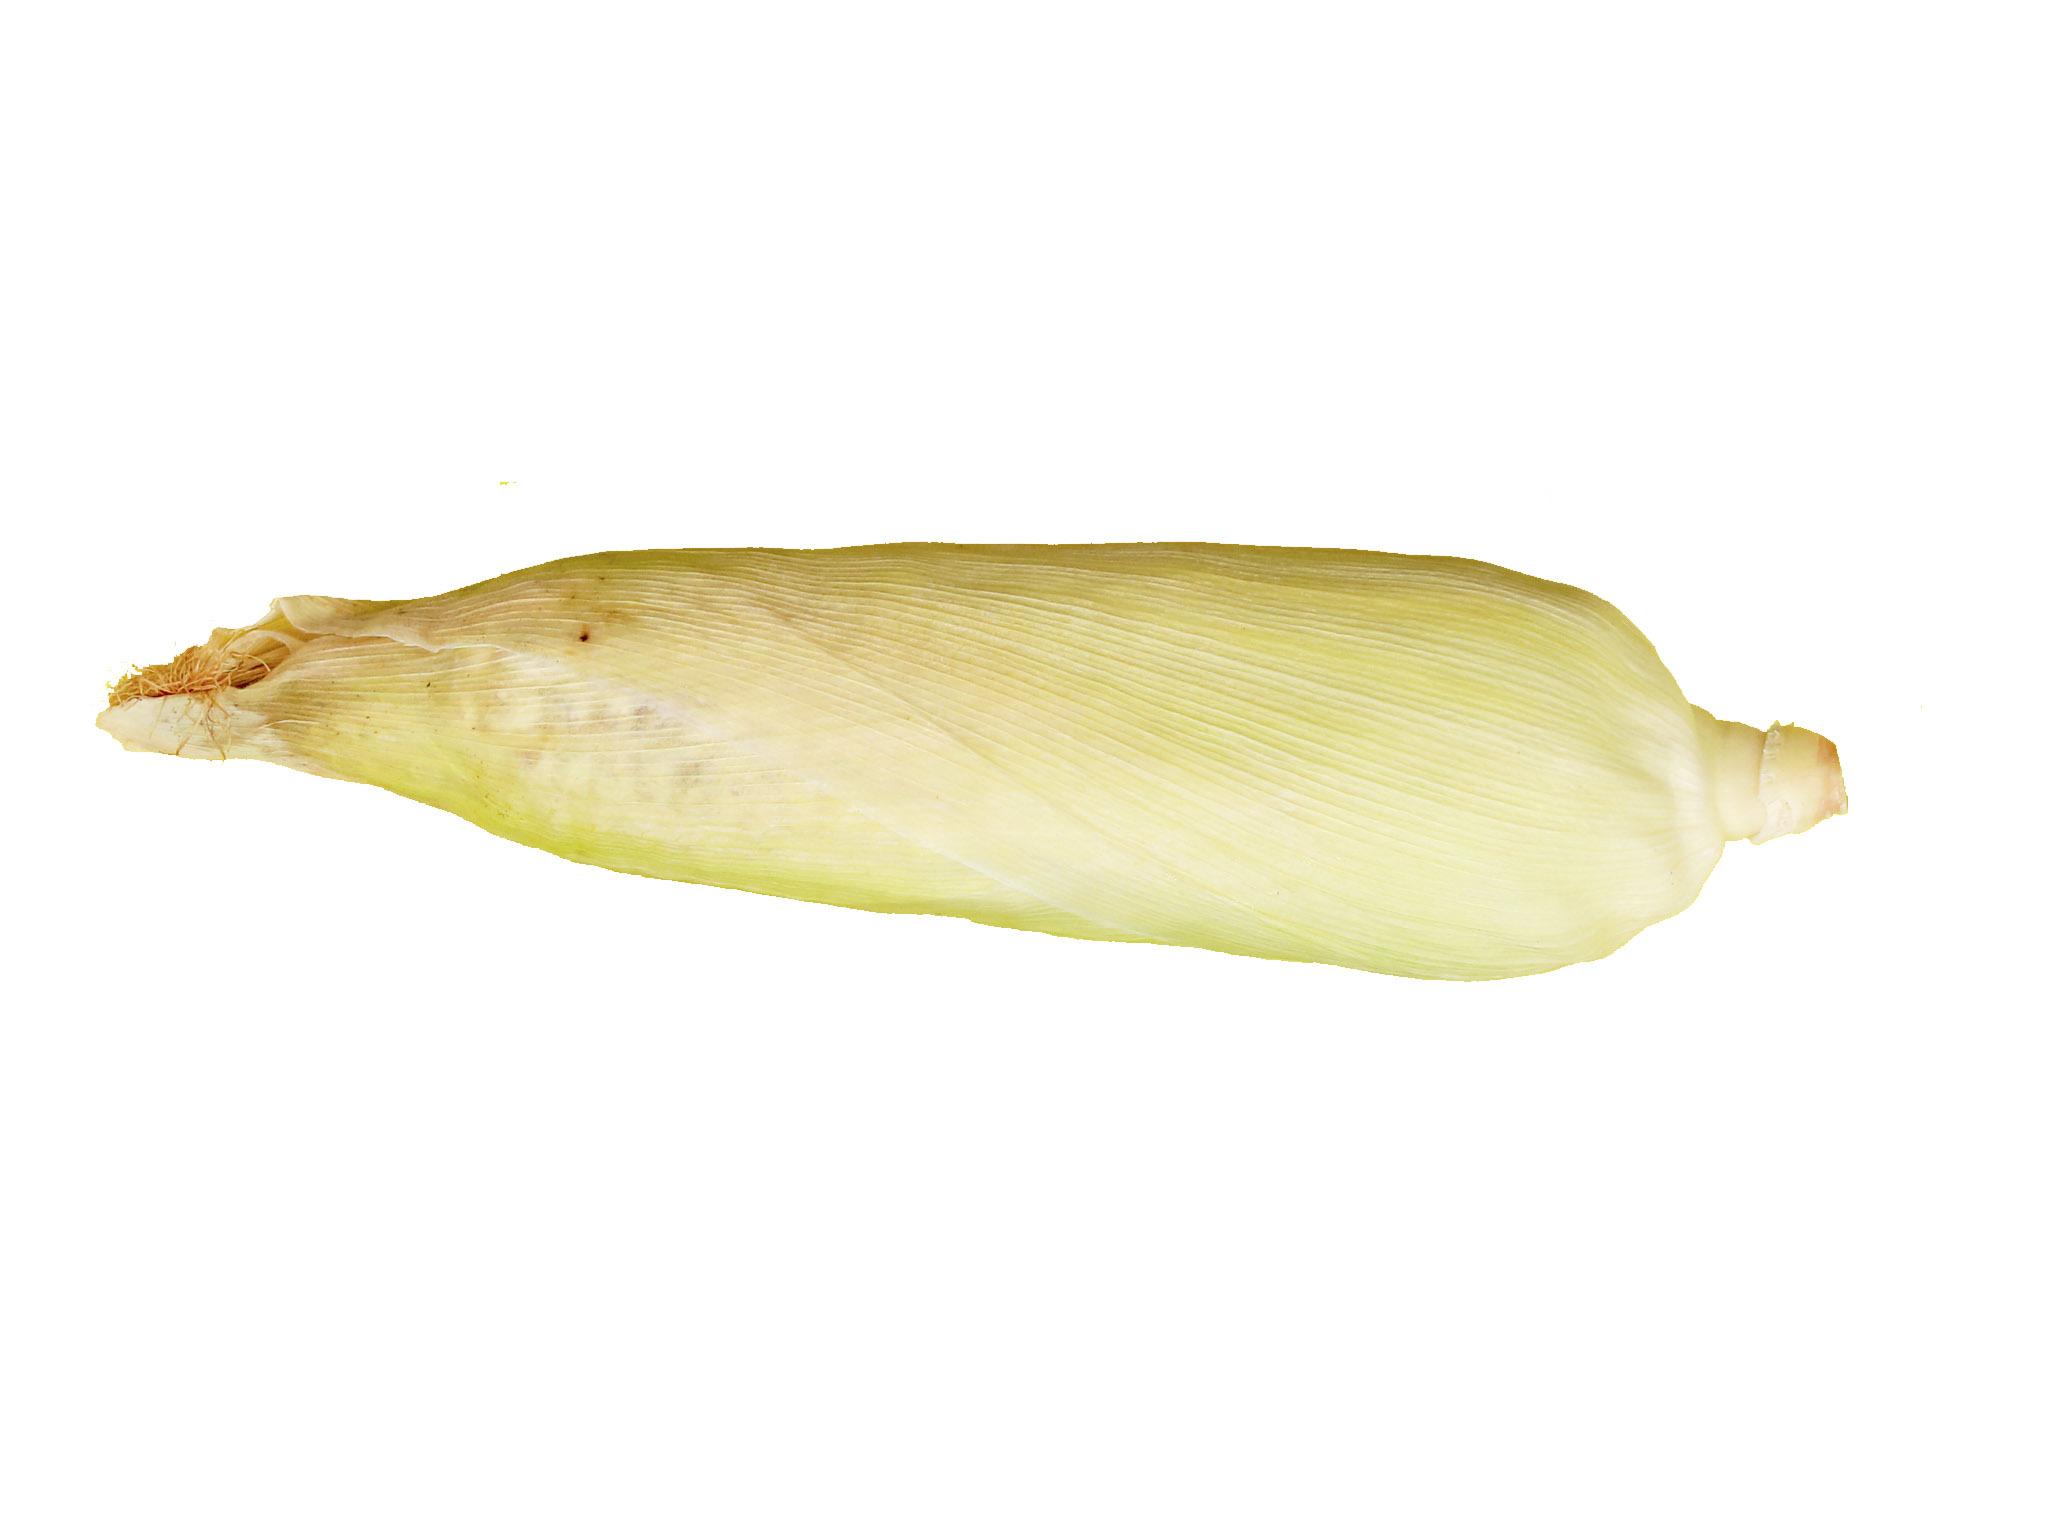 Maçaroca de milho